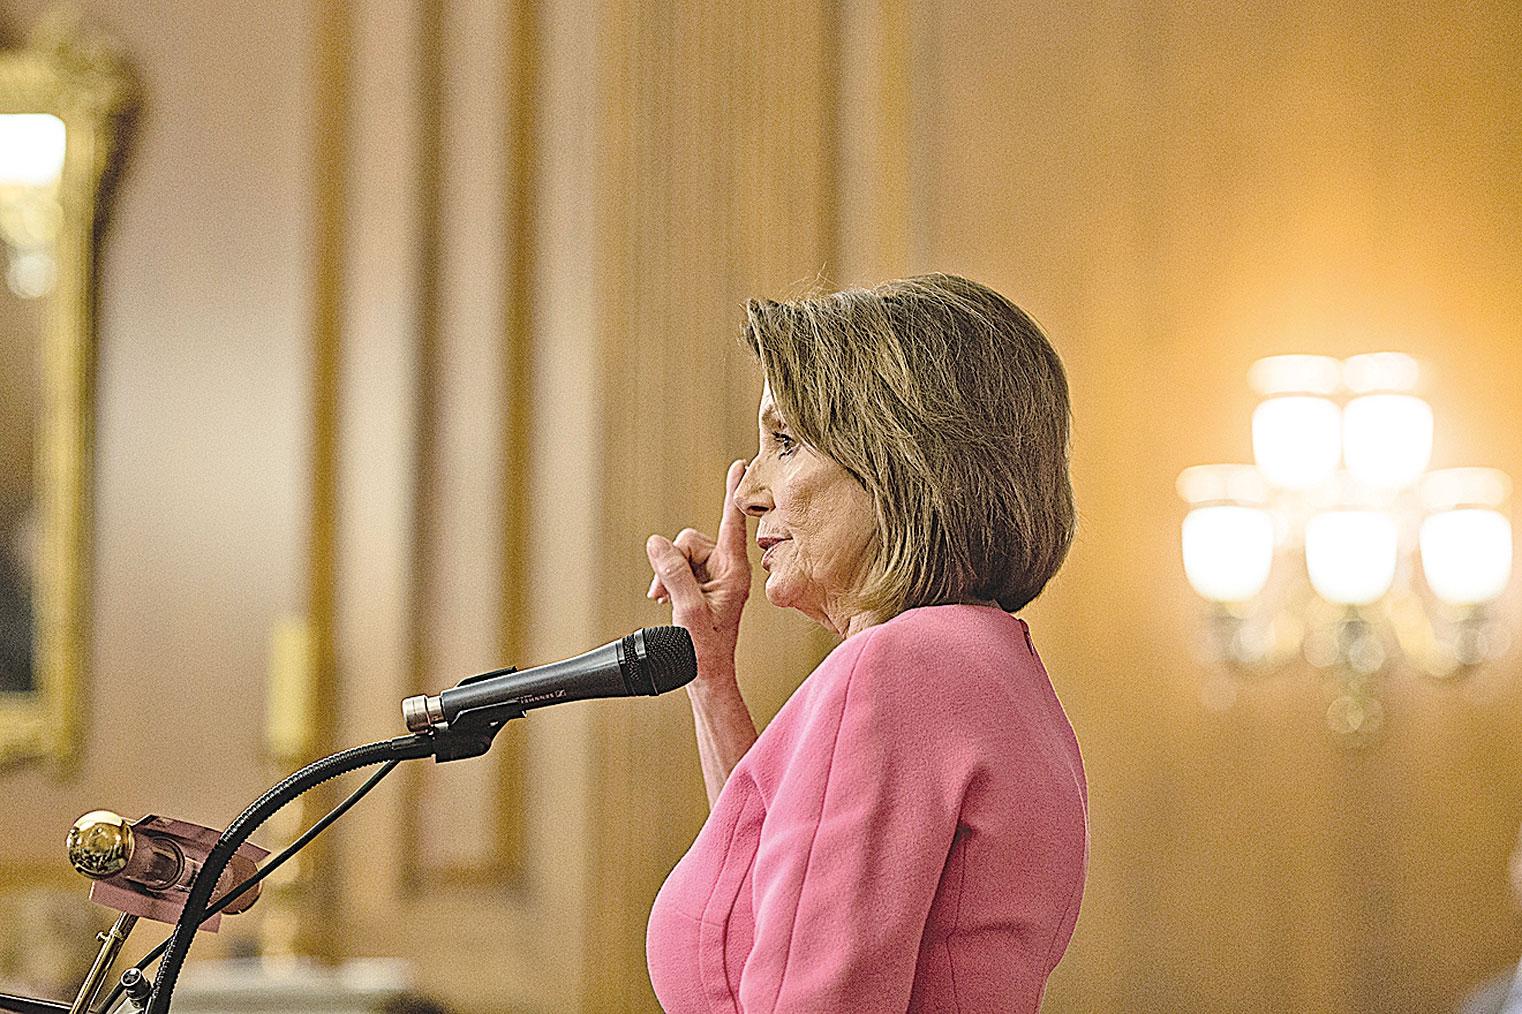 美國中期選舉後,民主黨領袖佩羅西召開新聞發佈會。(Getty Images)